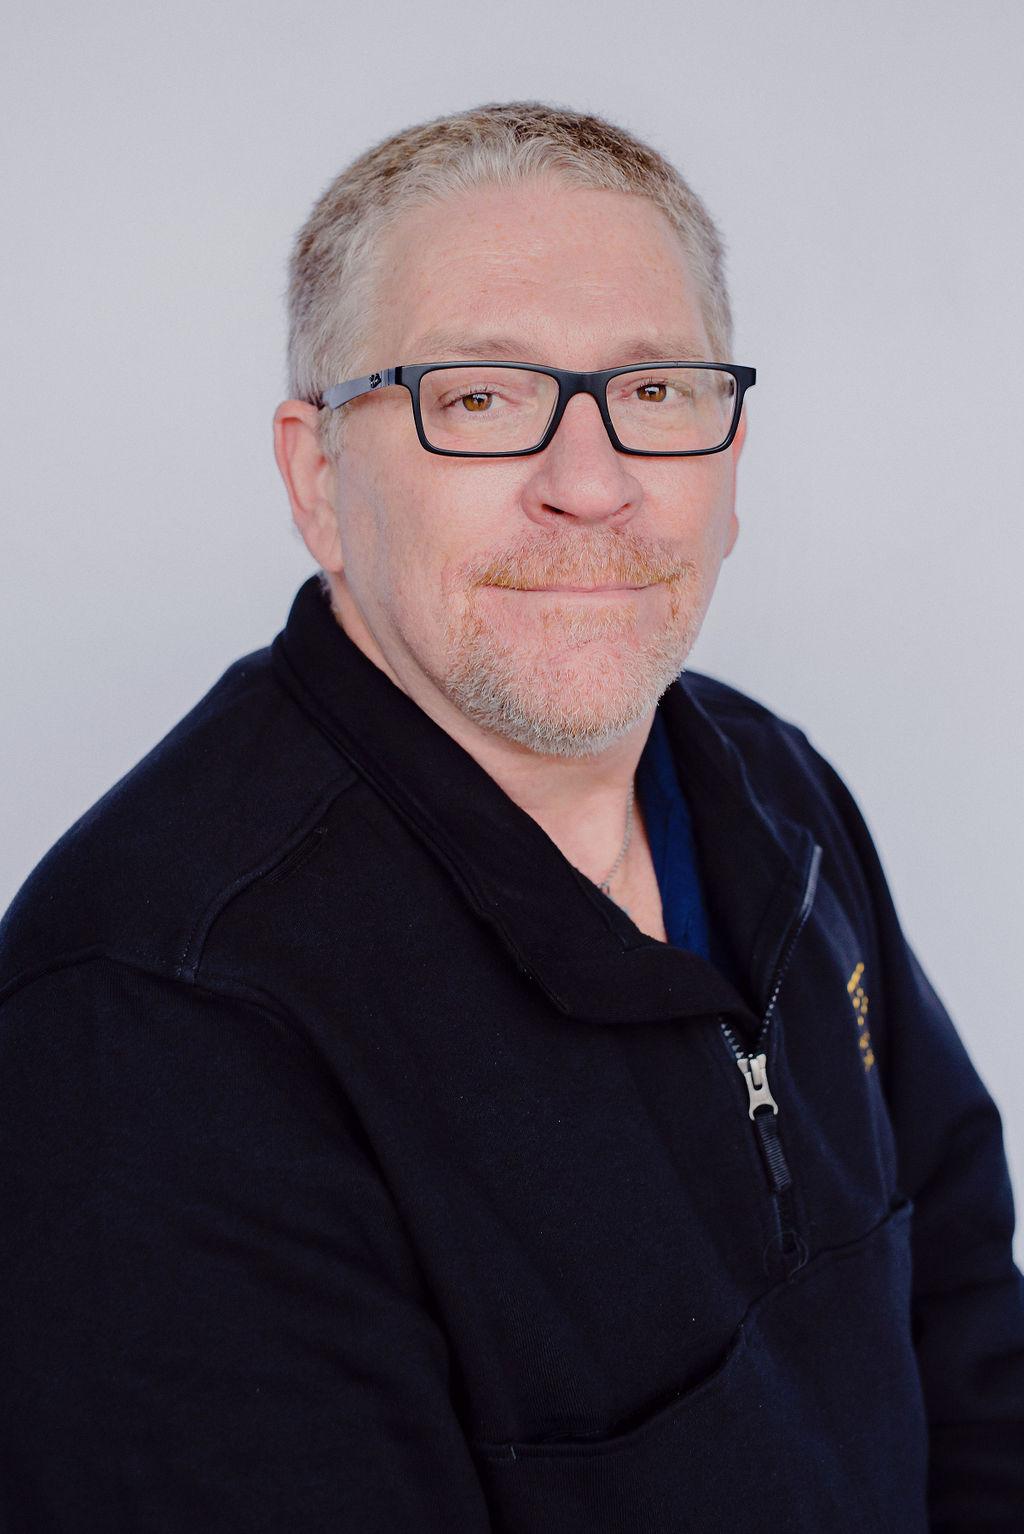 Scott Russ